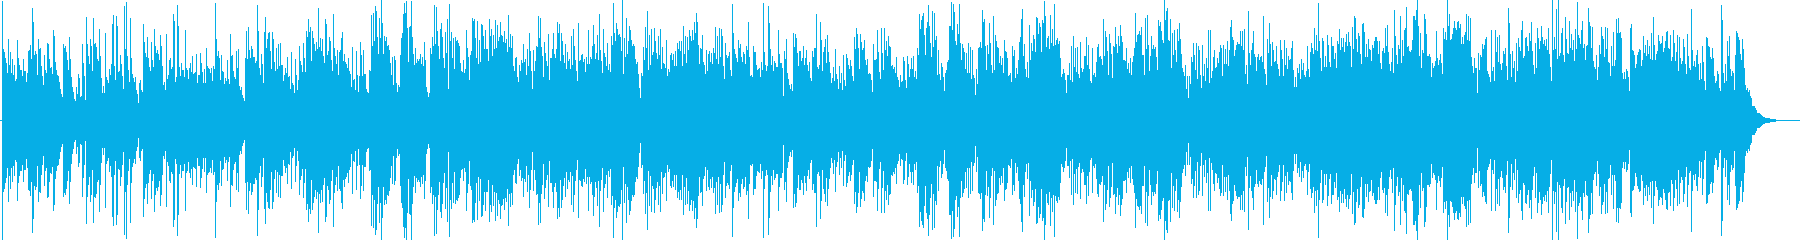 ハープ&アコギの穏やかなアコースティックの再生済みの波形